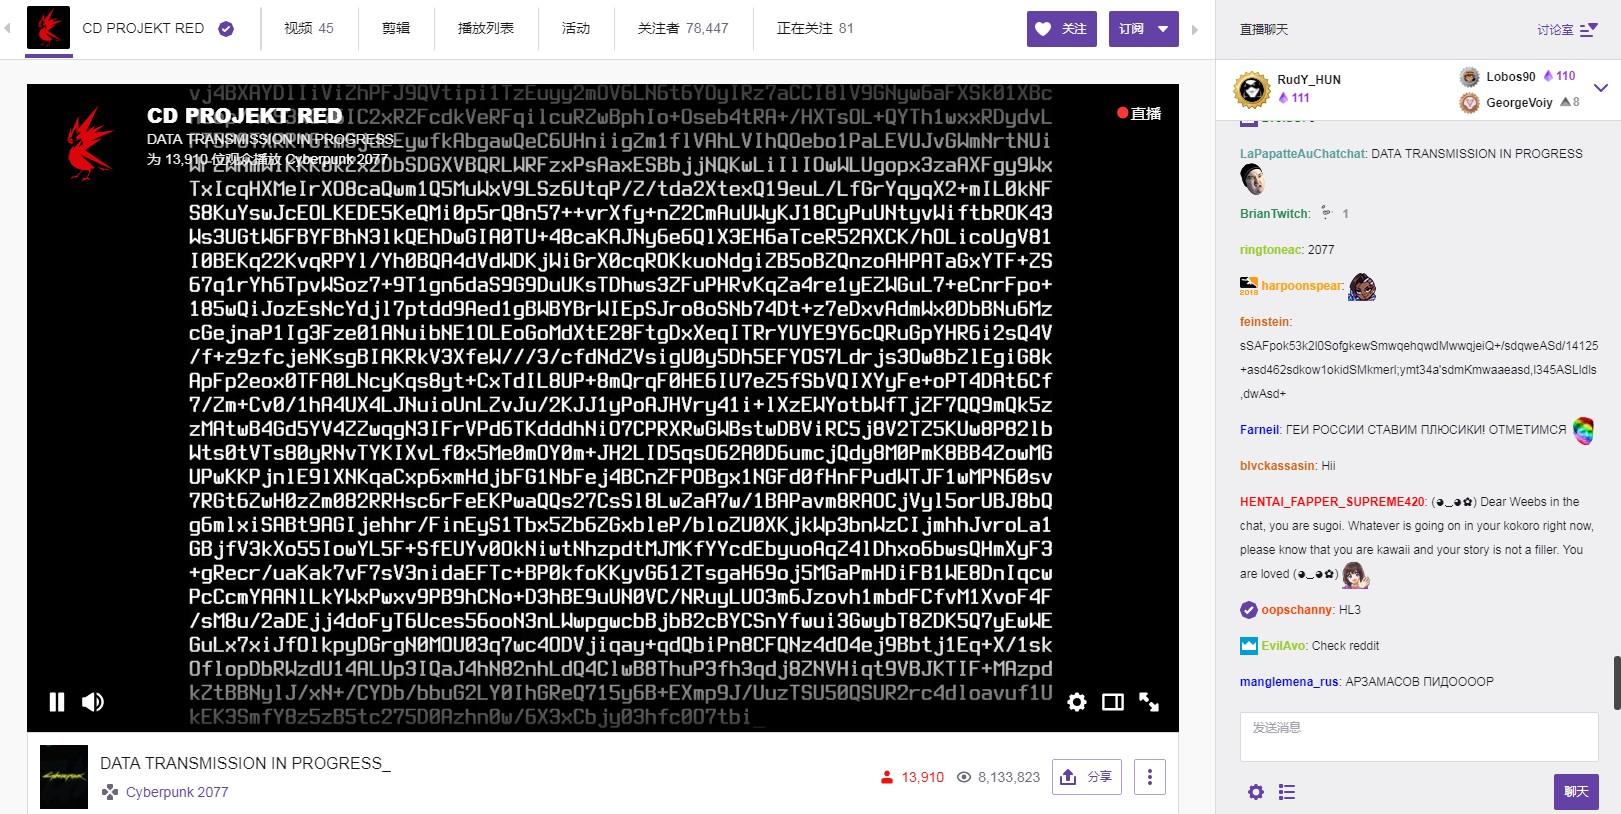 《赛博朋克2077》官方Twitch直播 上万人围观神秘代码